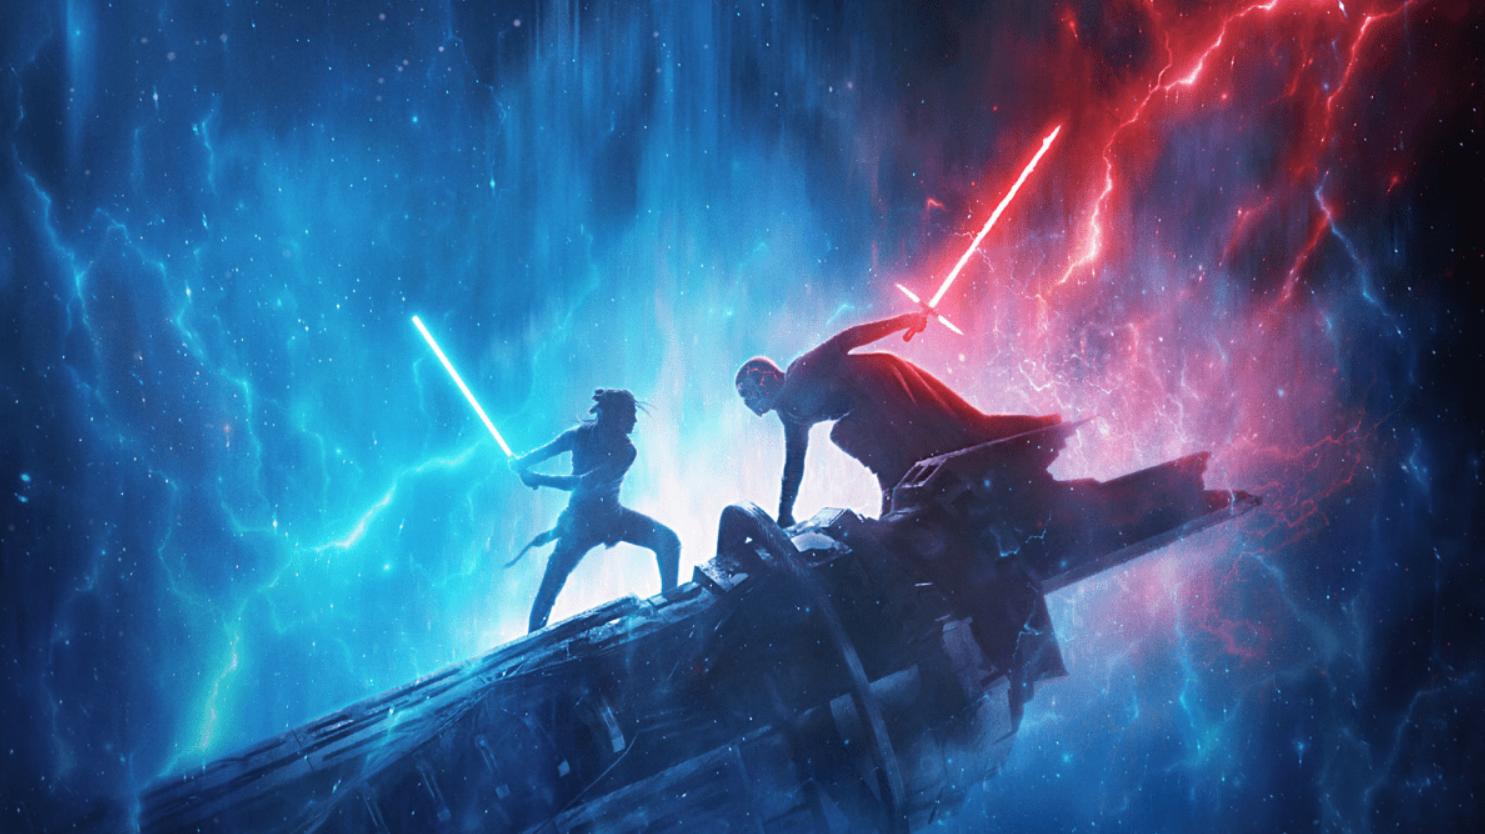 Ubisoft взялась за «Звездные войны»: авторы The Division 2 готовят игру по Star Wars с открытым миром